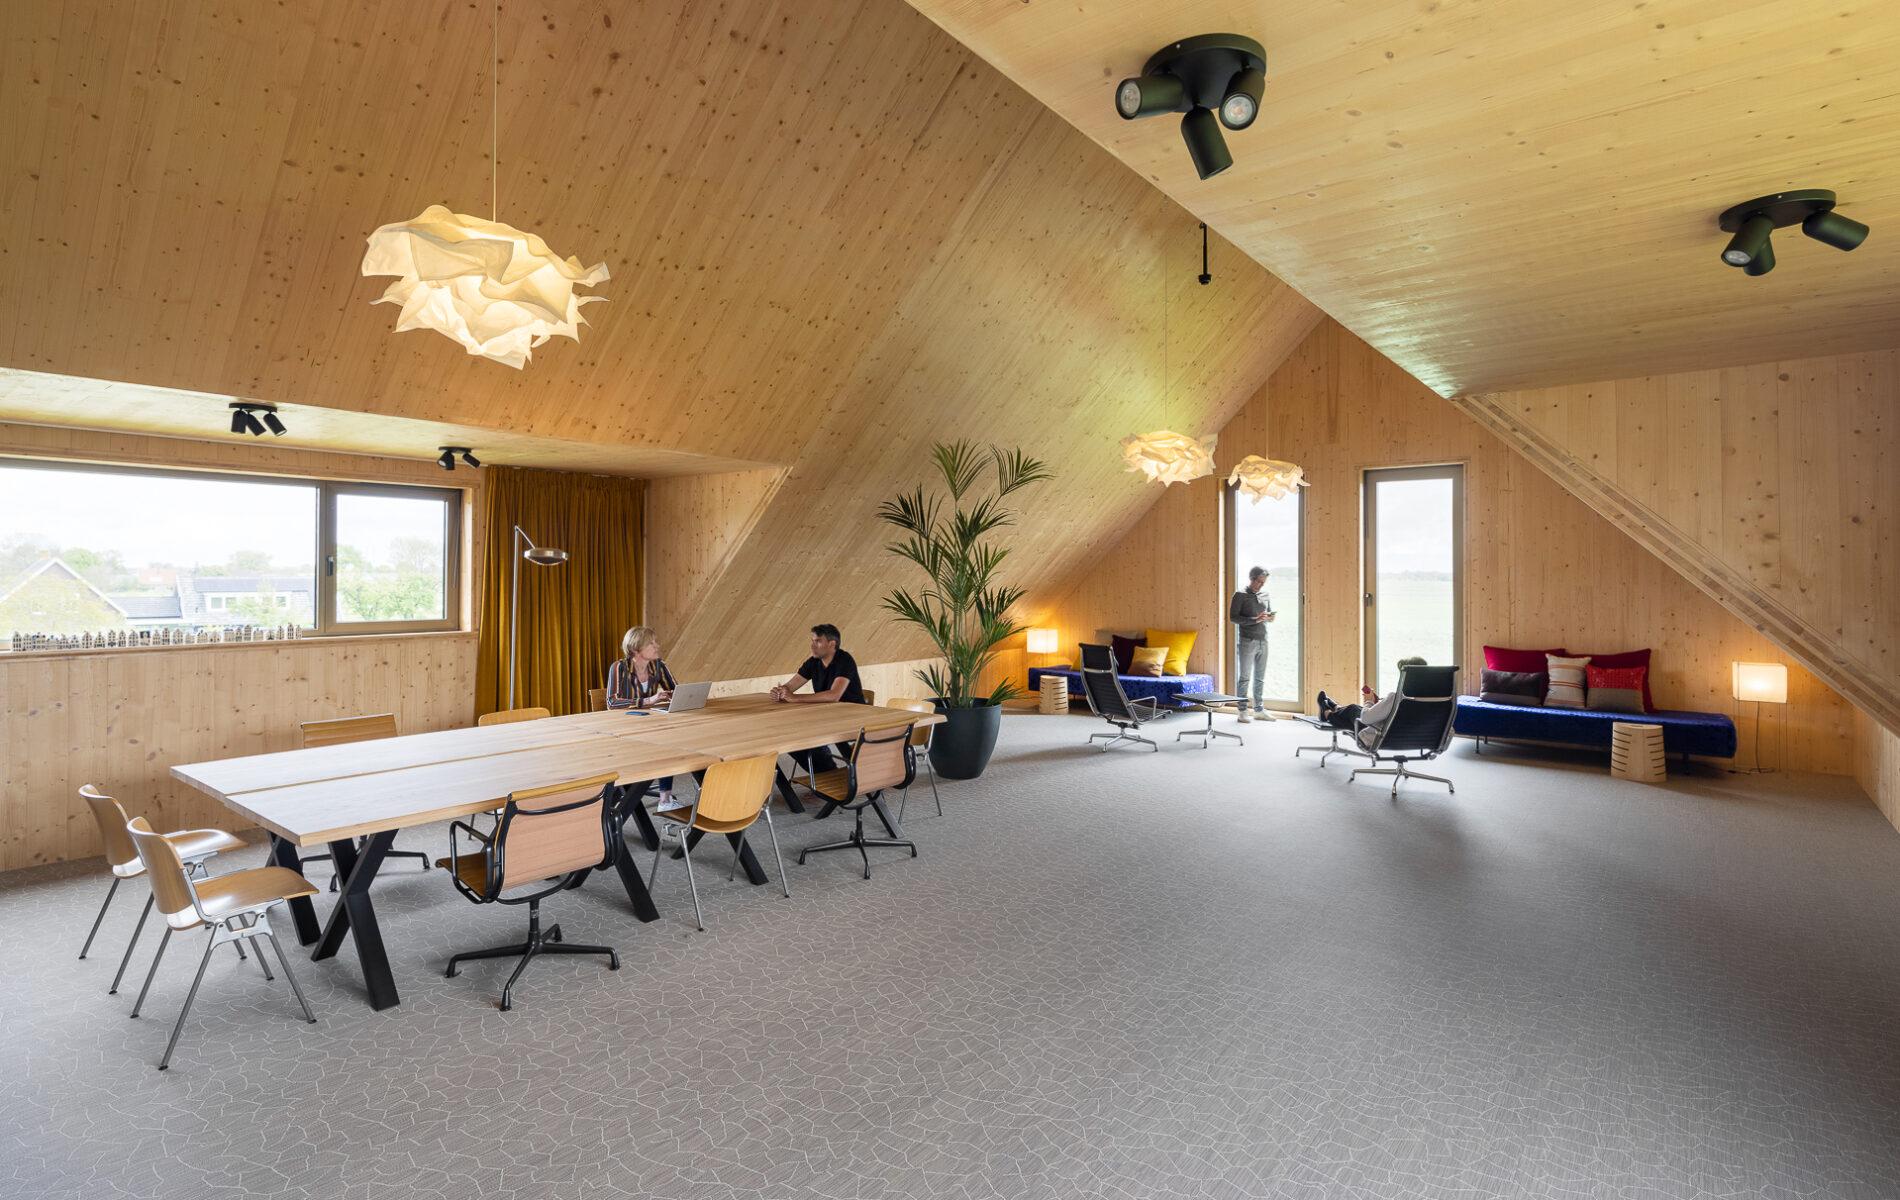 De Nieuwe Schuur, De Panoramazaal - Zakelijke Verhuur, directie meeting